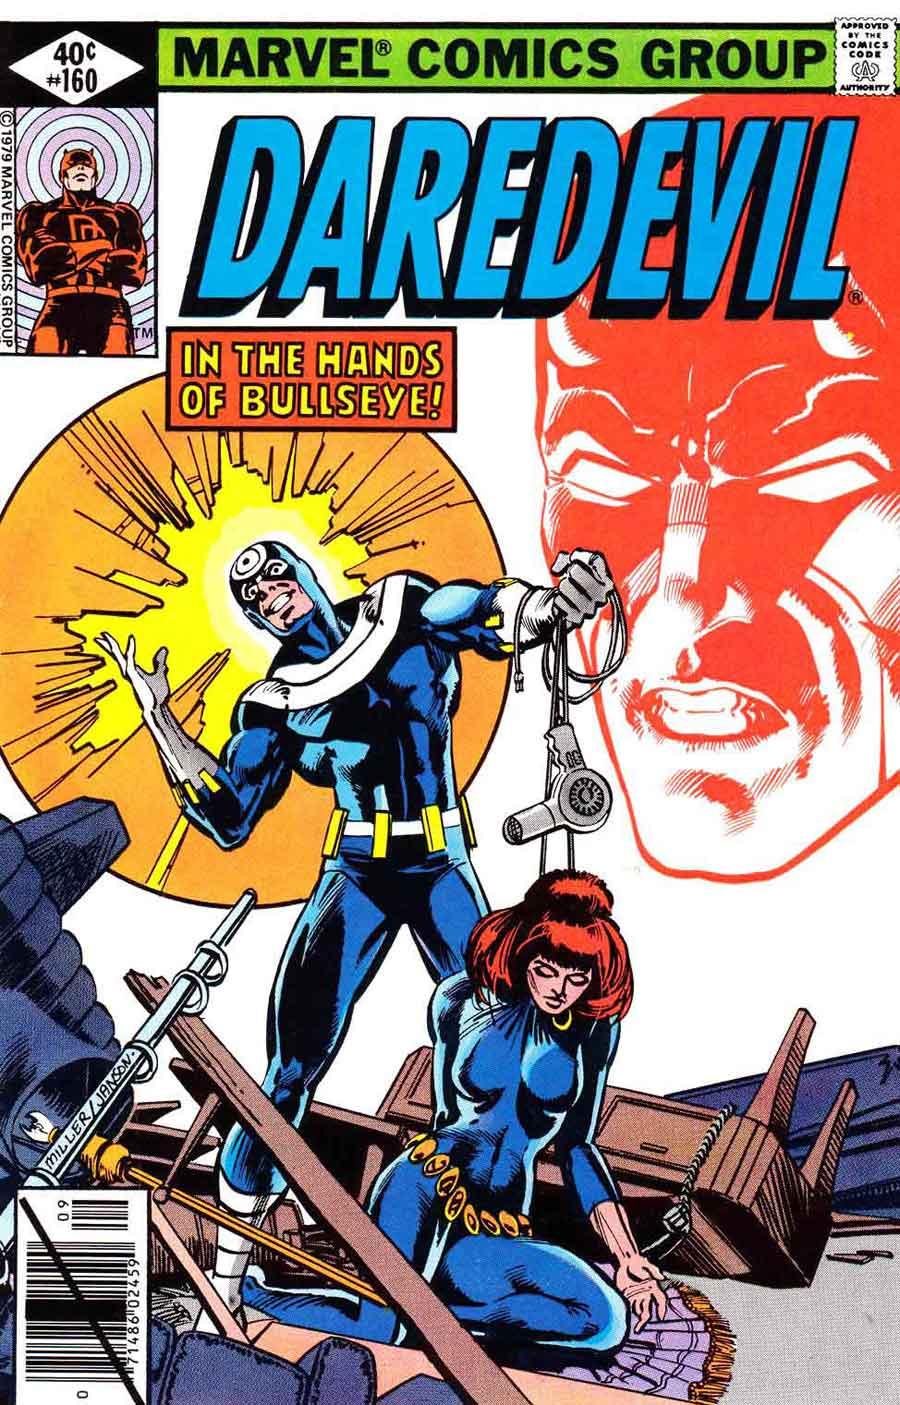 Daredevil v1 #160 bullseye marvel comic book cover art by Frank Miller